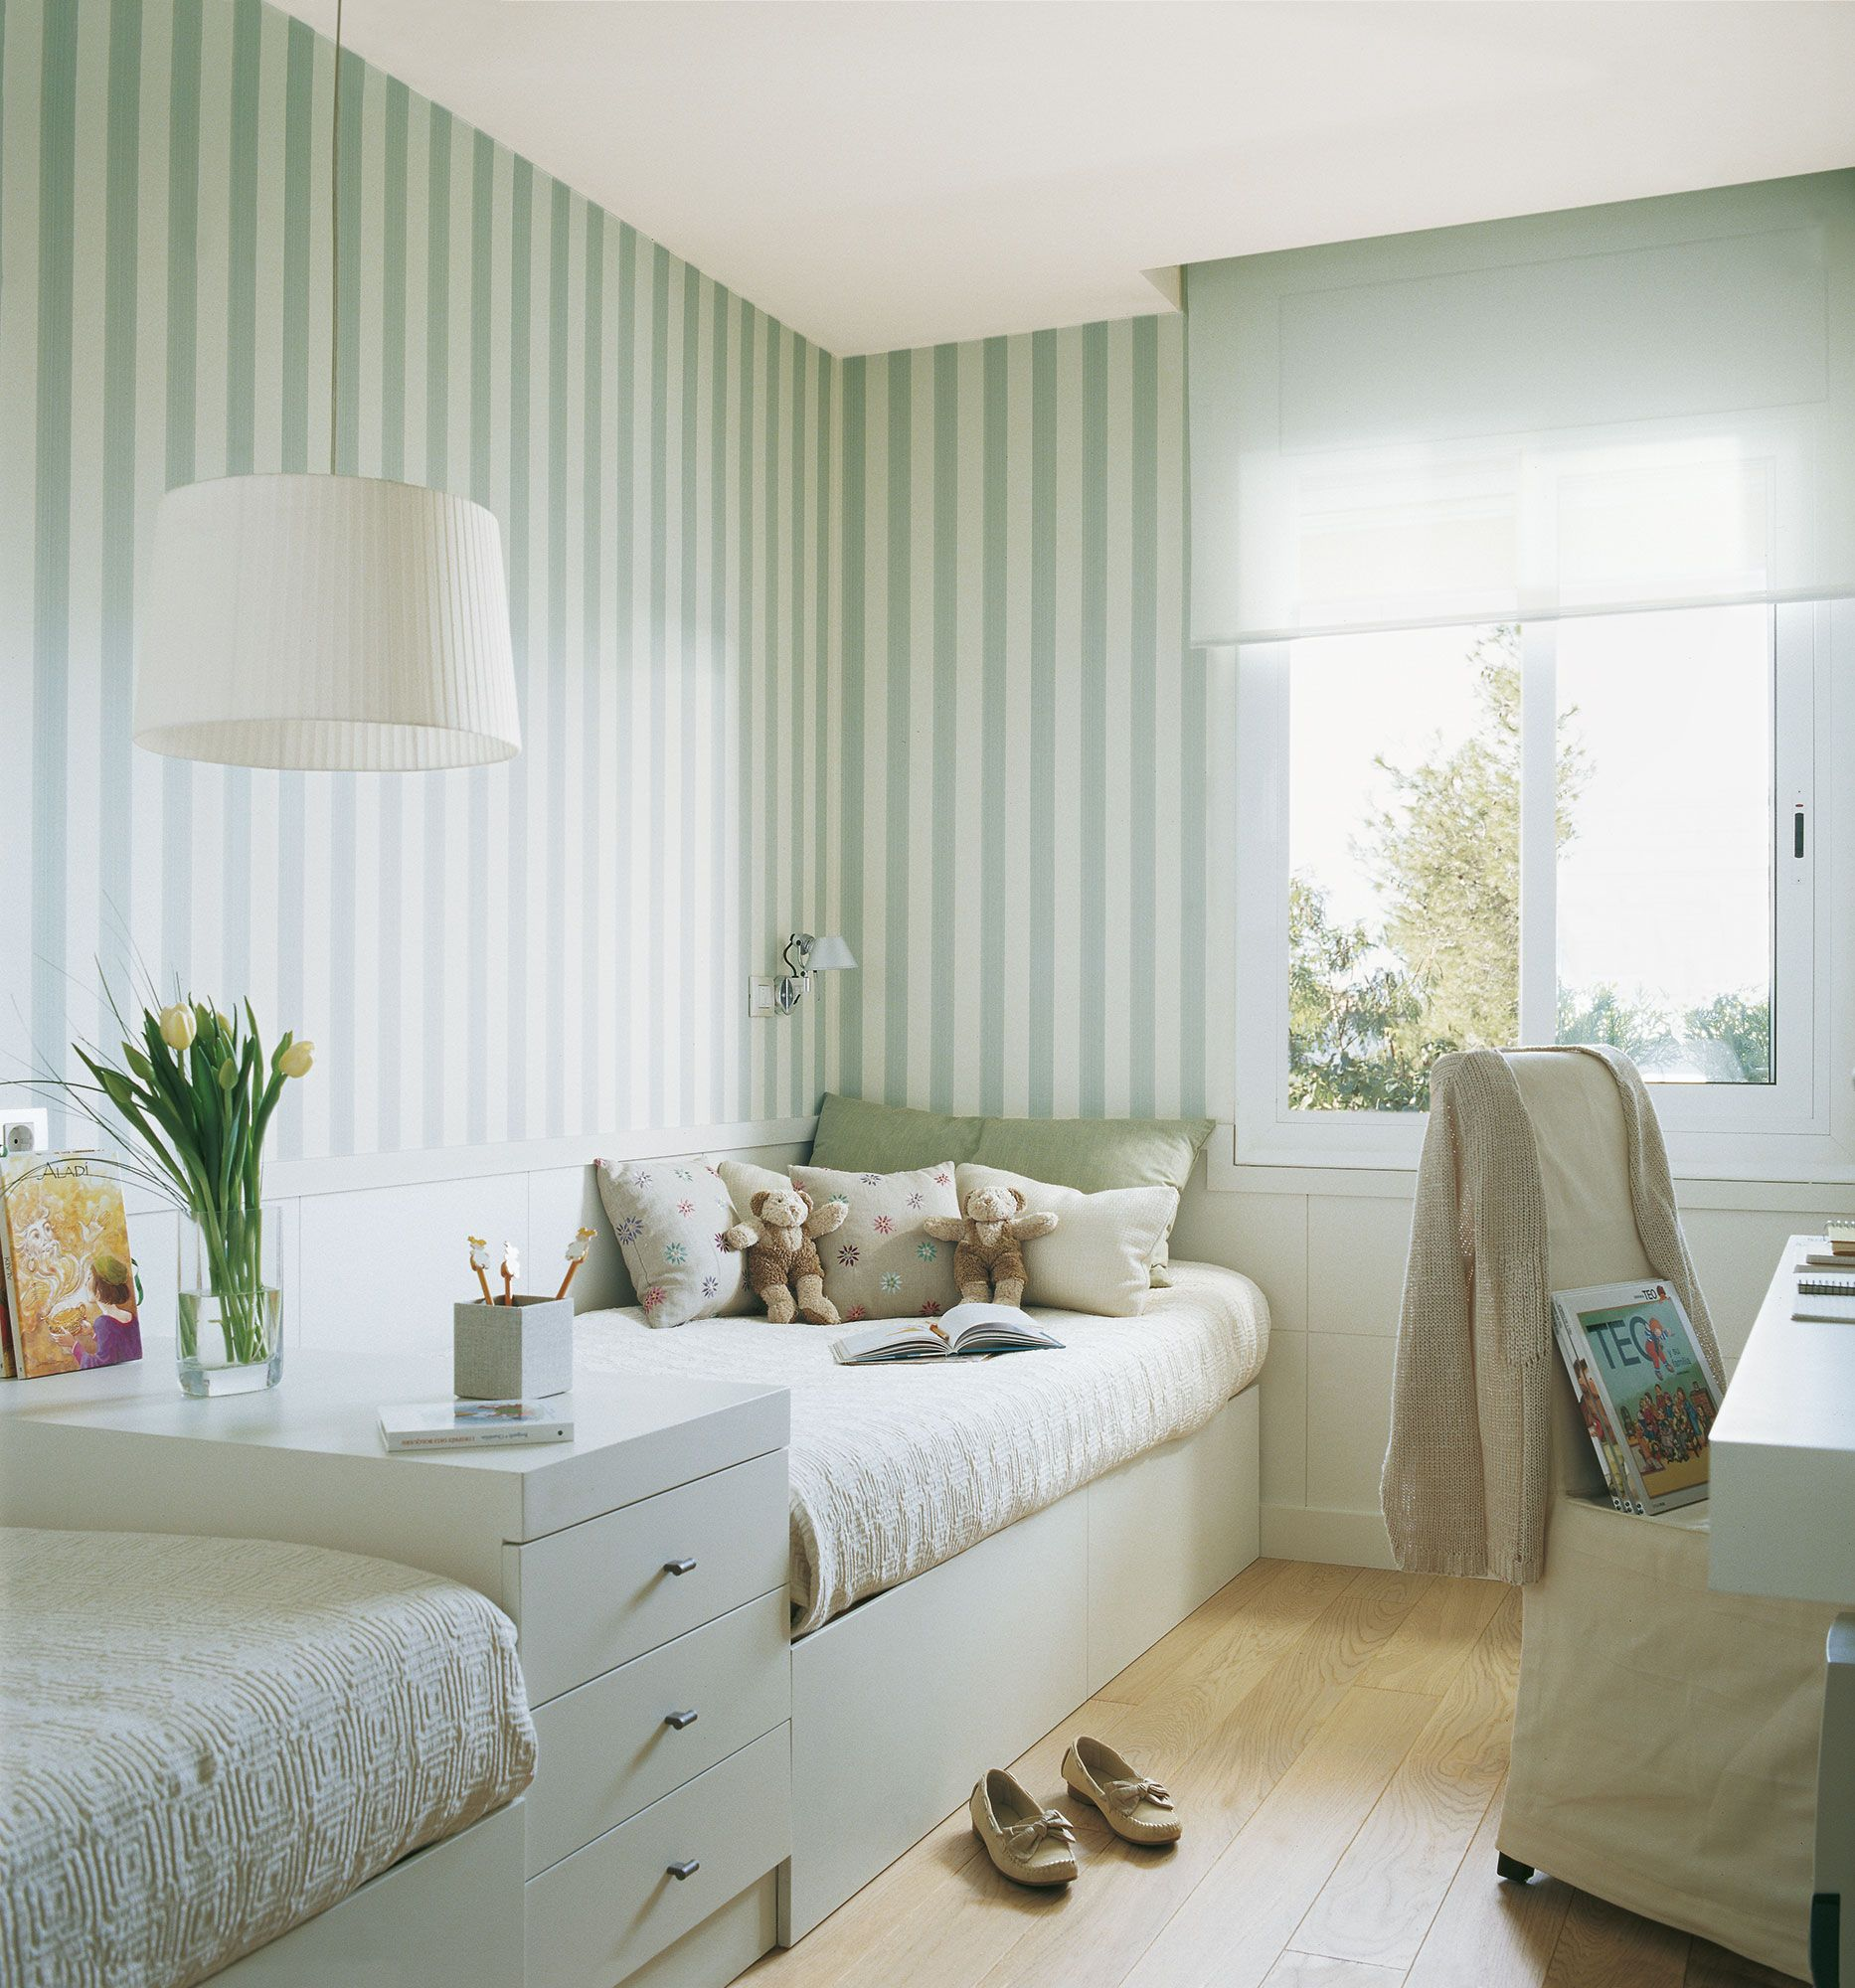 Habitaci n infantil con dos camas en l nea y zona de for Habitacion juvenil nina